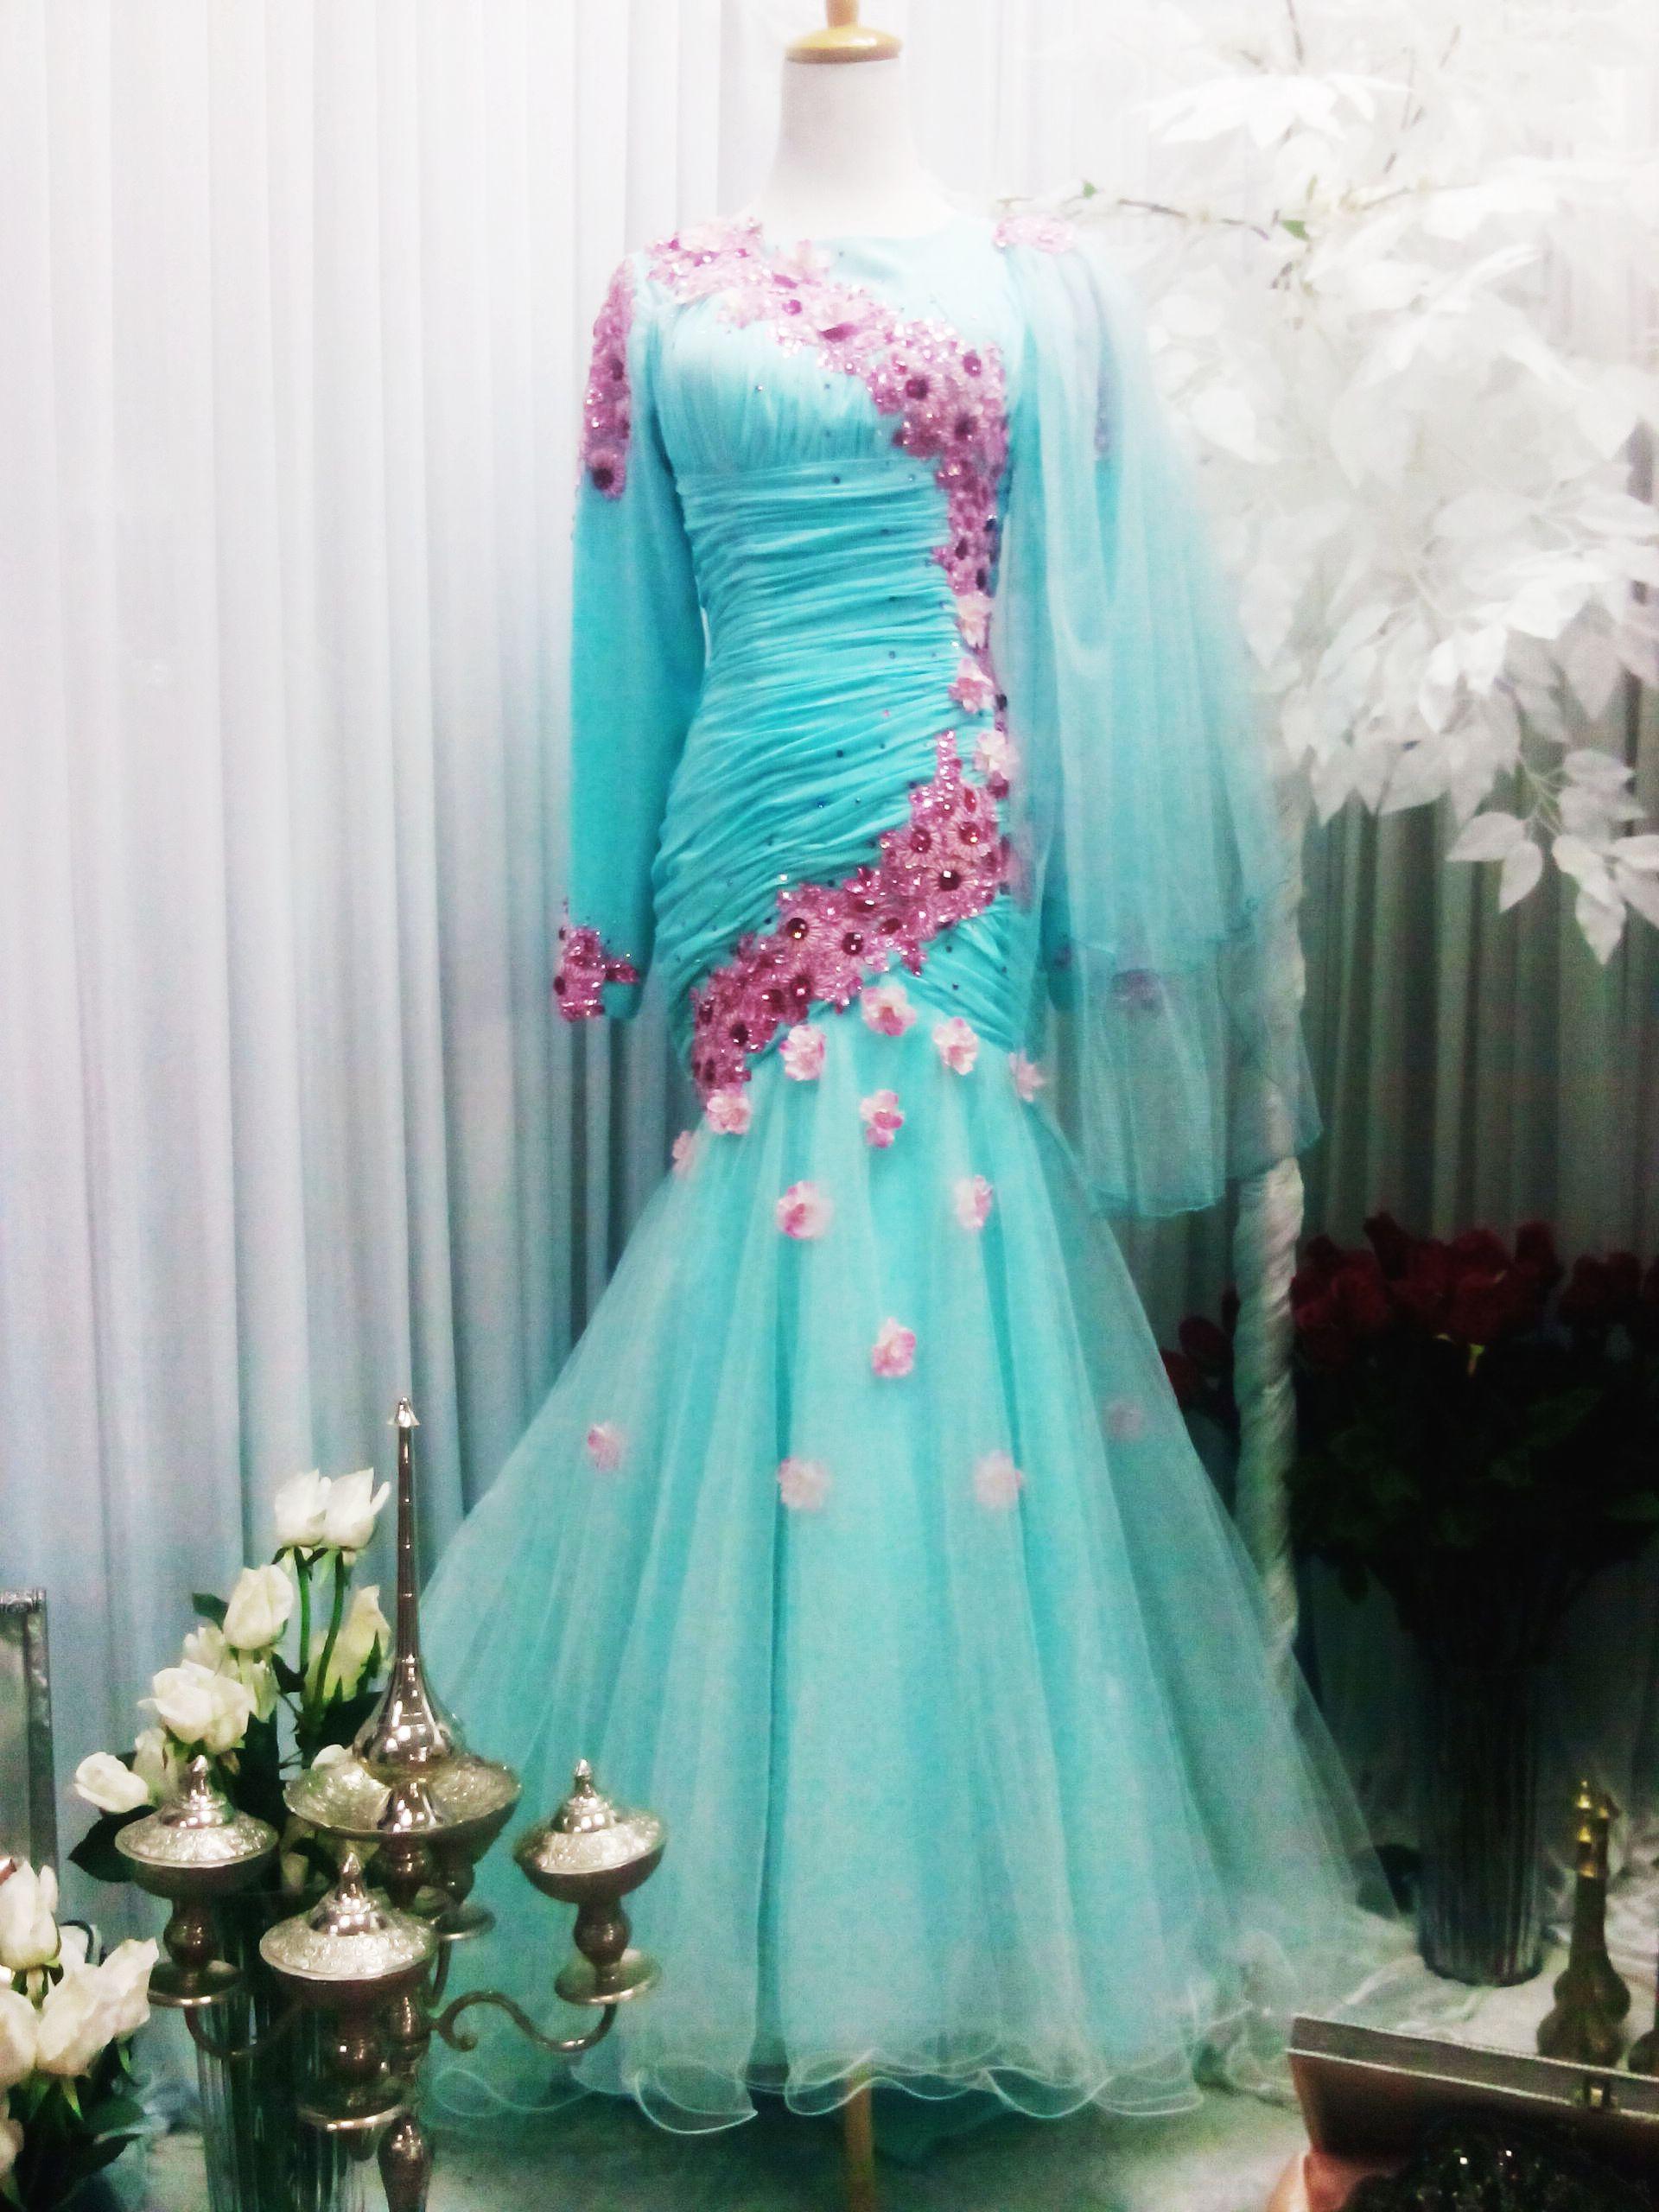 Pesona Bridal - Butik Pengantin di Bandar Baru Bangi, Selangor